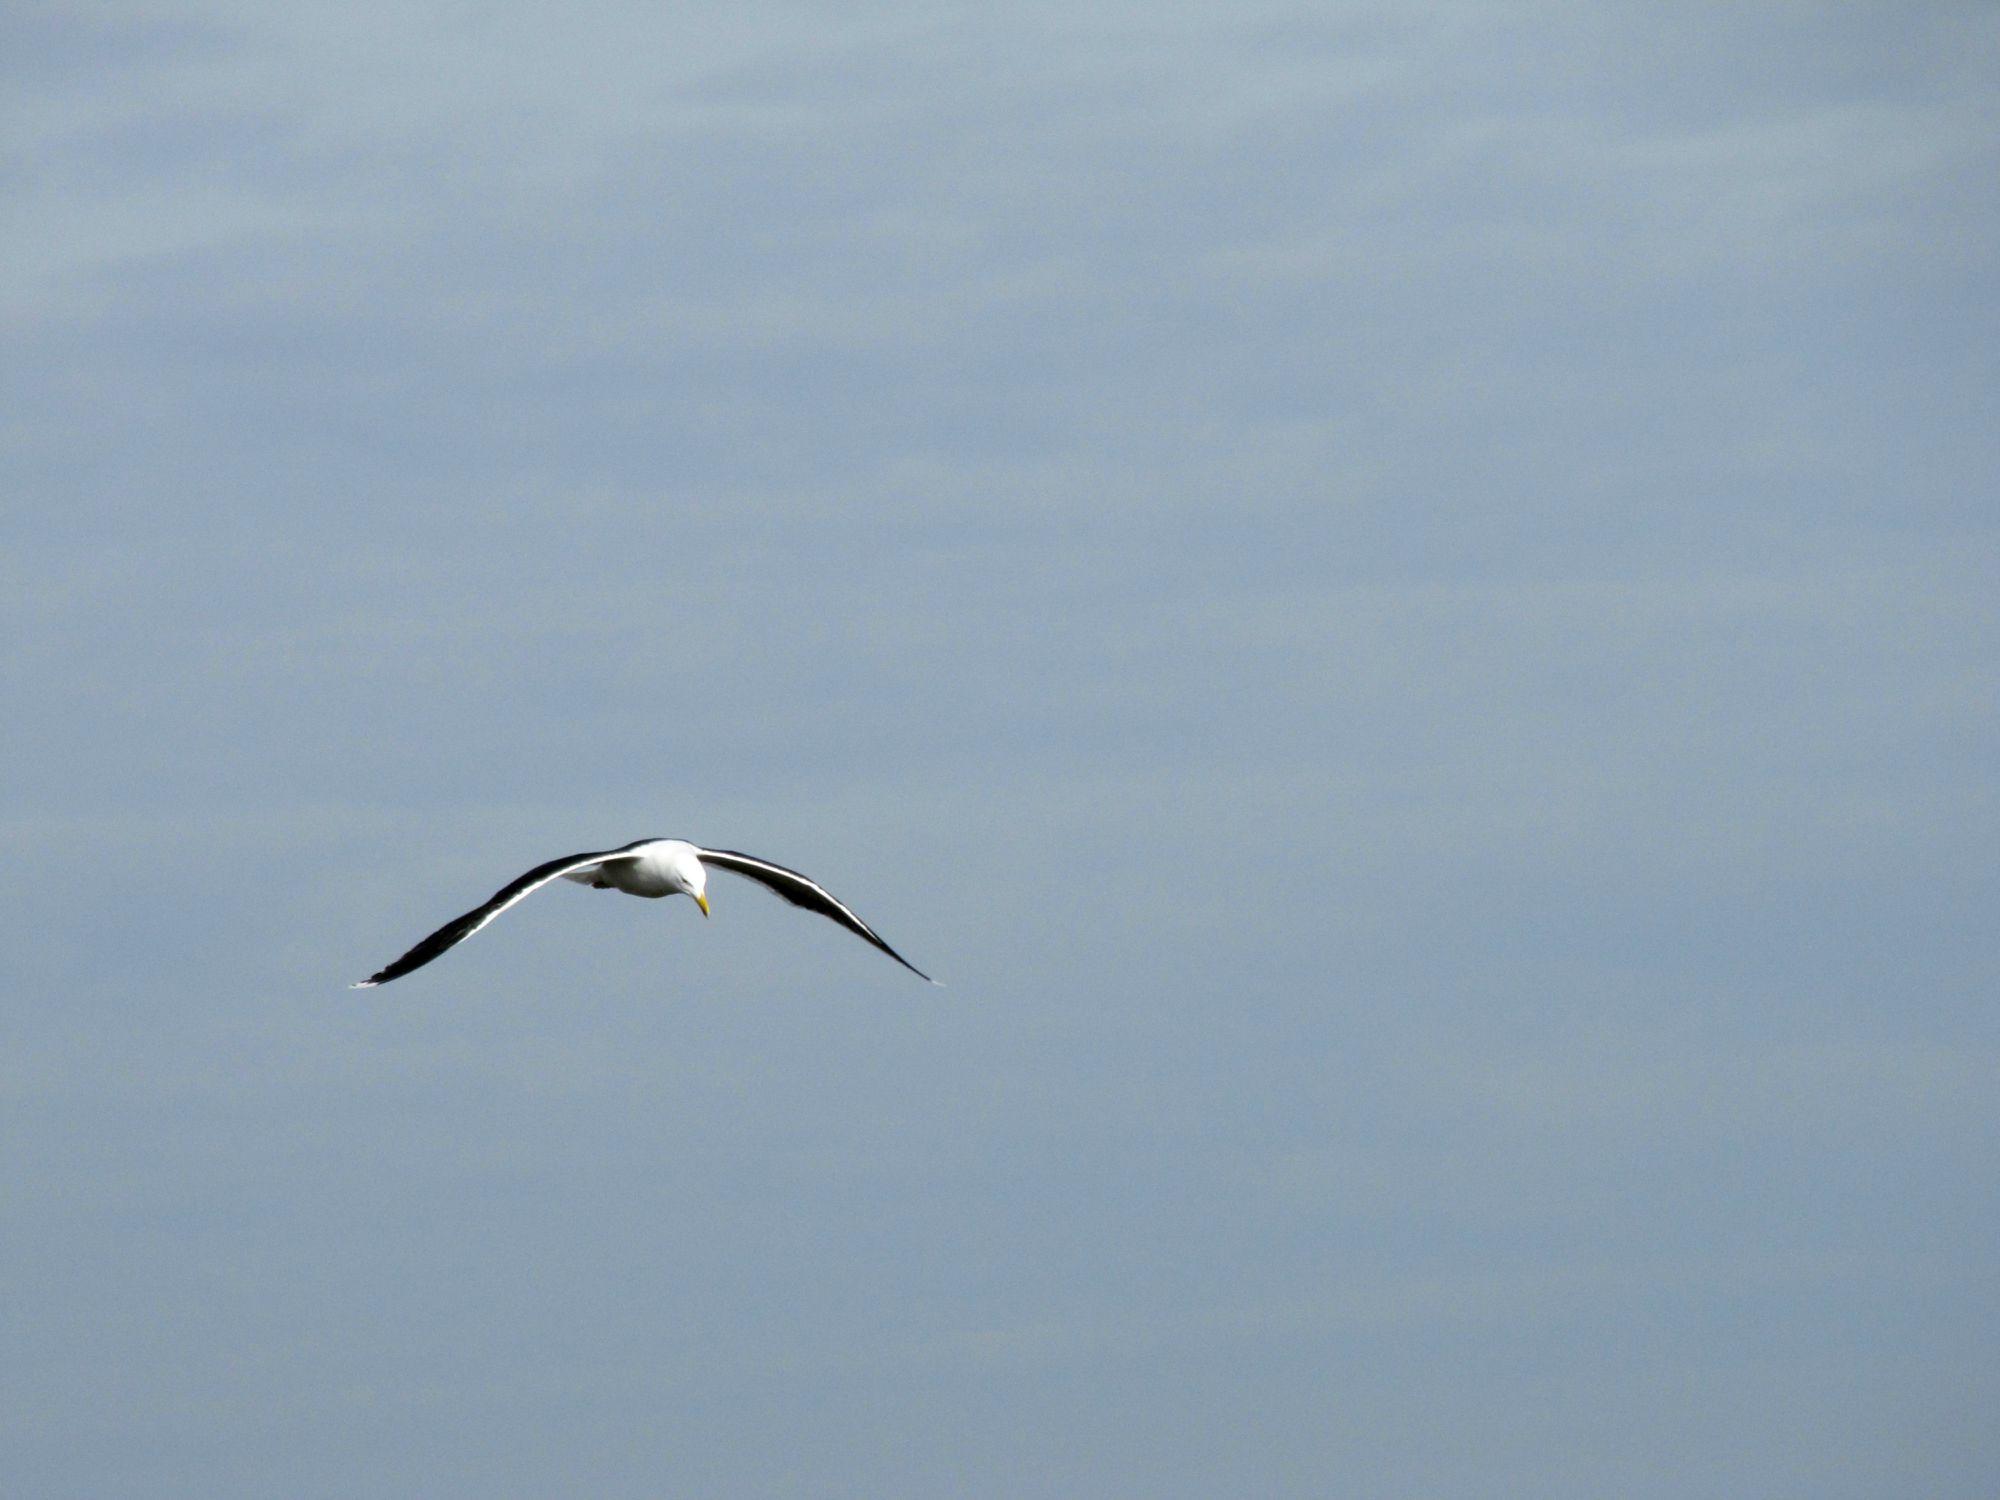 Oiseaux ile de re foto Mo2 (21)-h1500